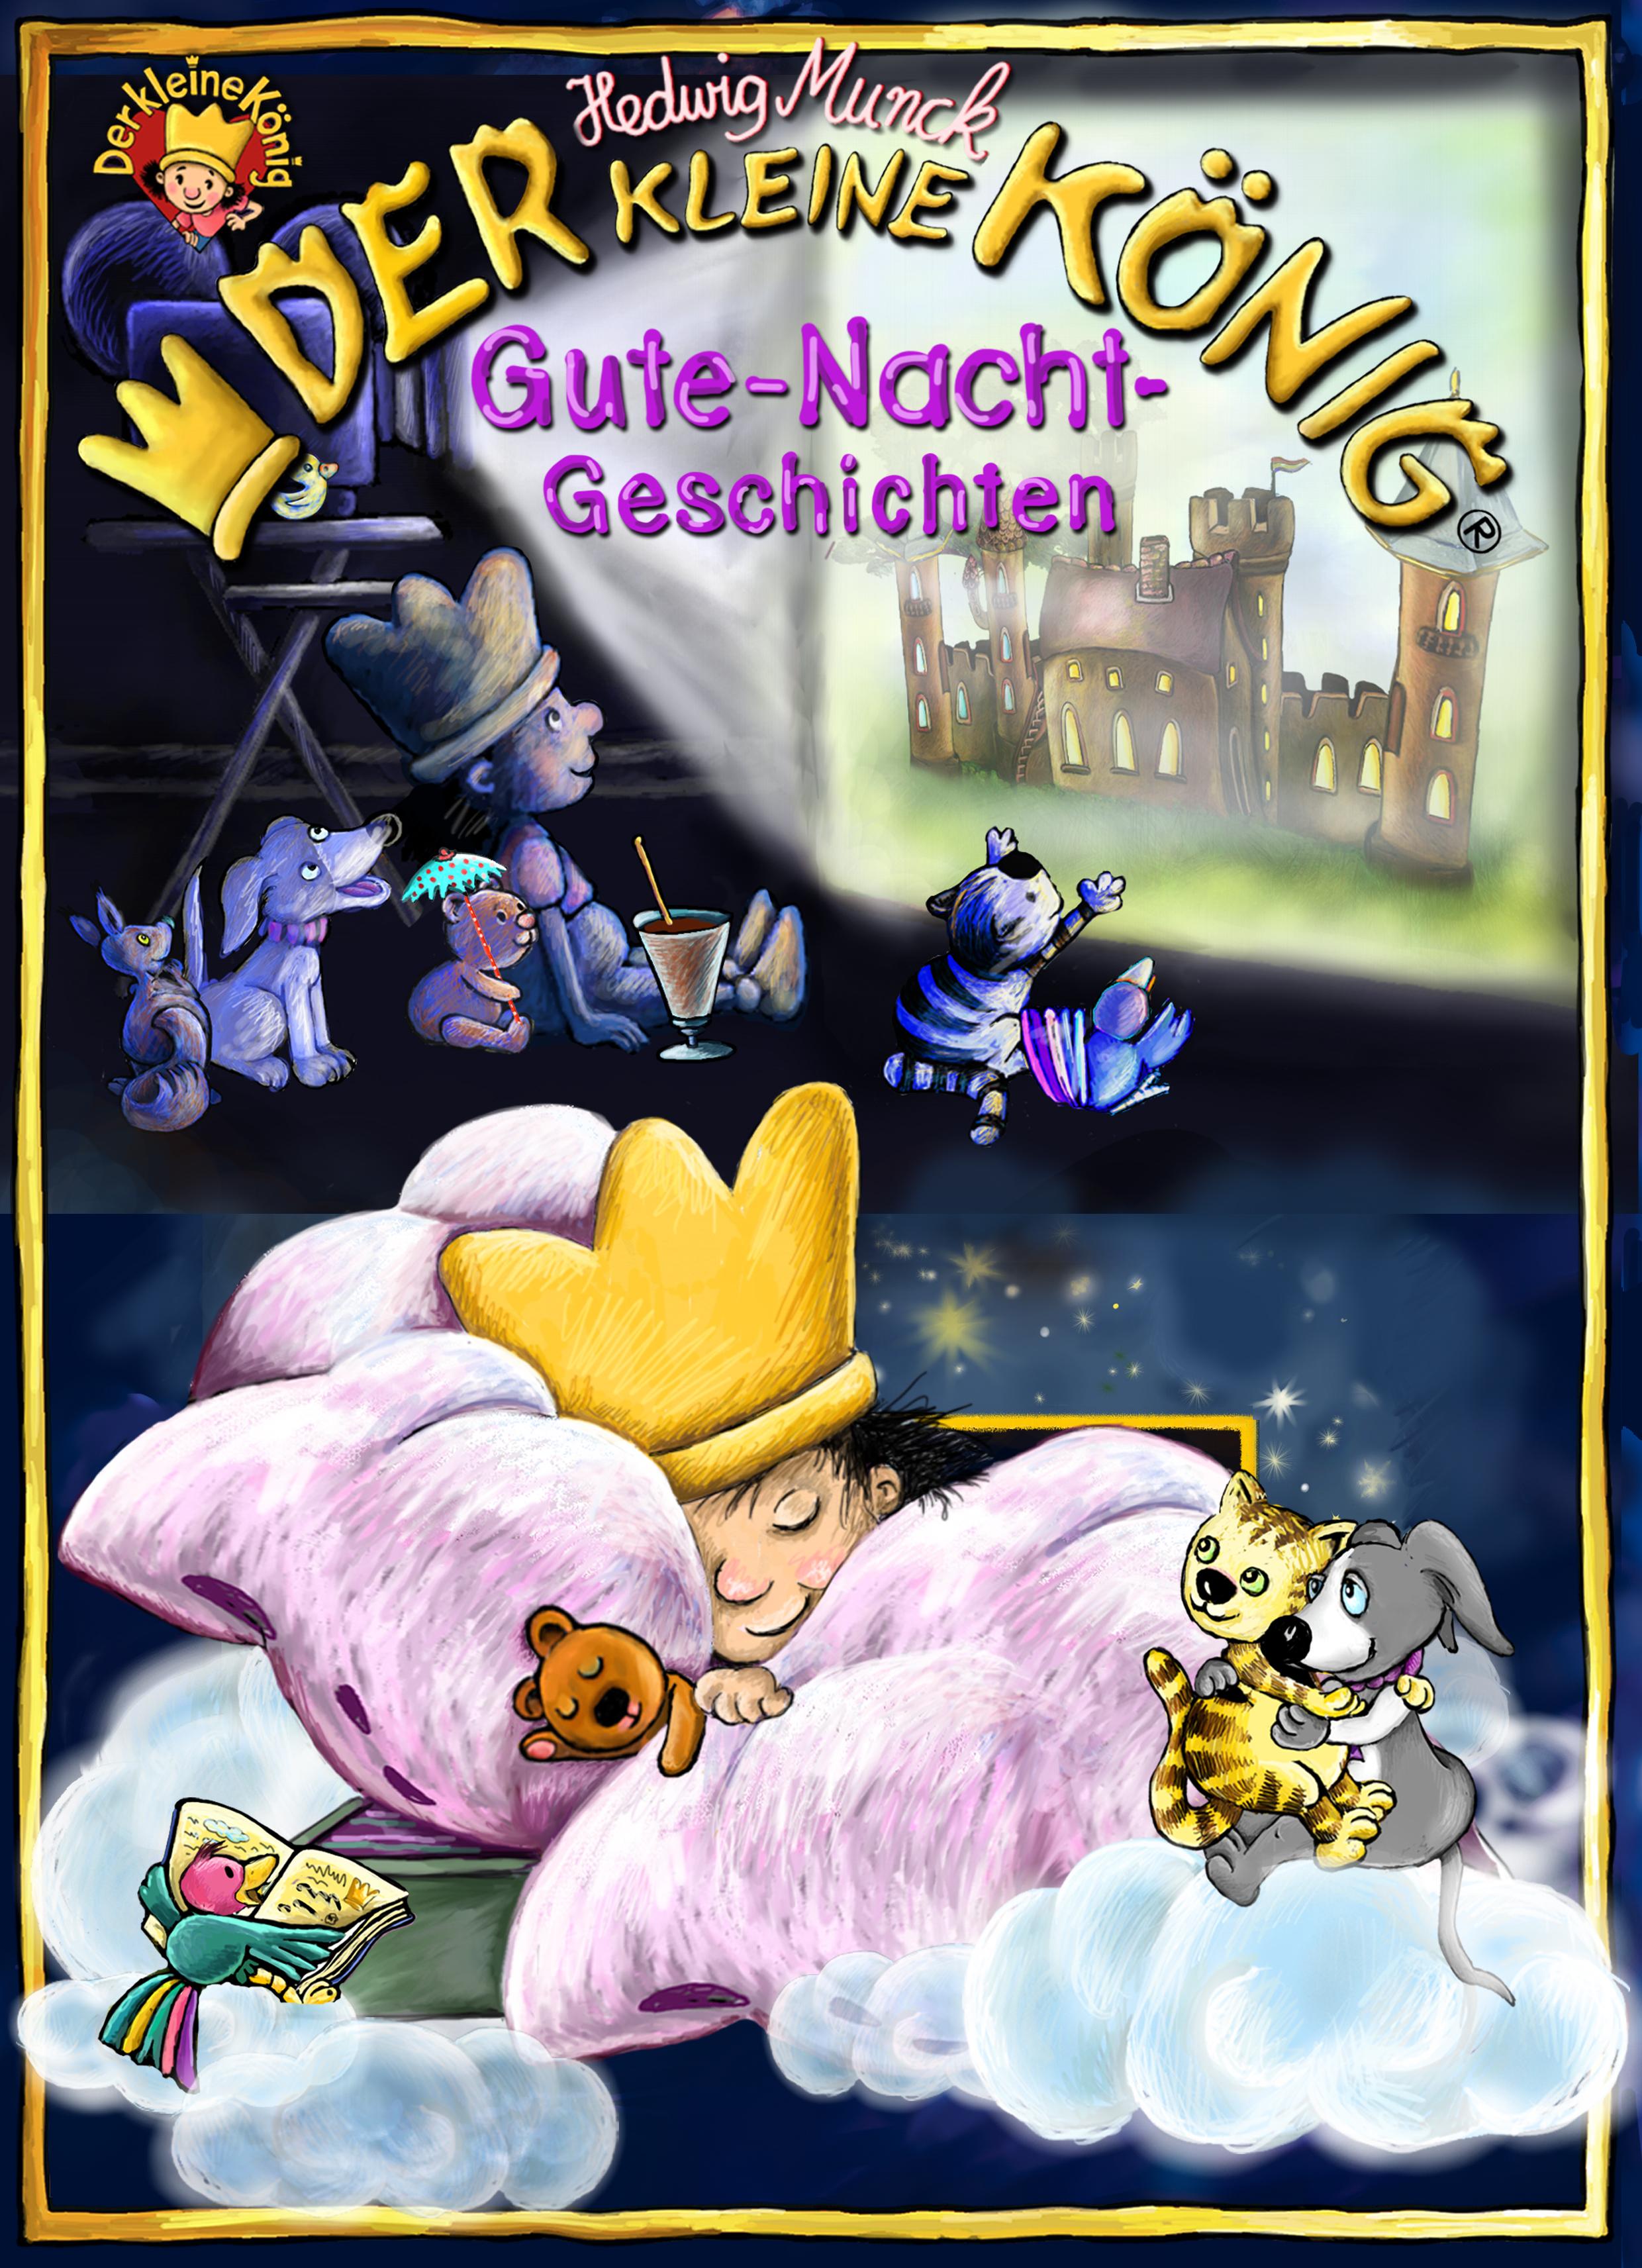 Hedwig Munck Der kleine König, Gute-Nacht-Geschichten munck hedwig der kleine konig und der verlorene zahn page 3 page 5 page 10 page 7